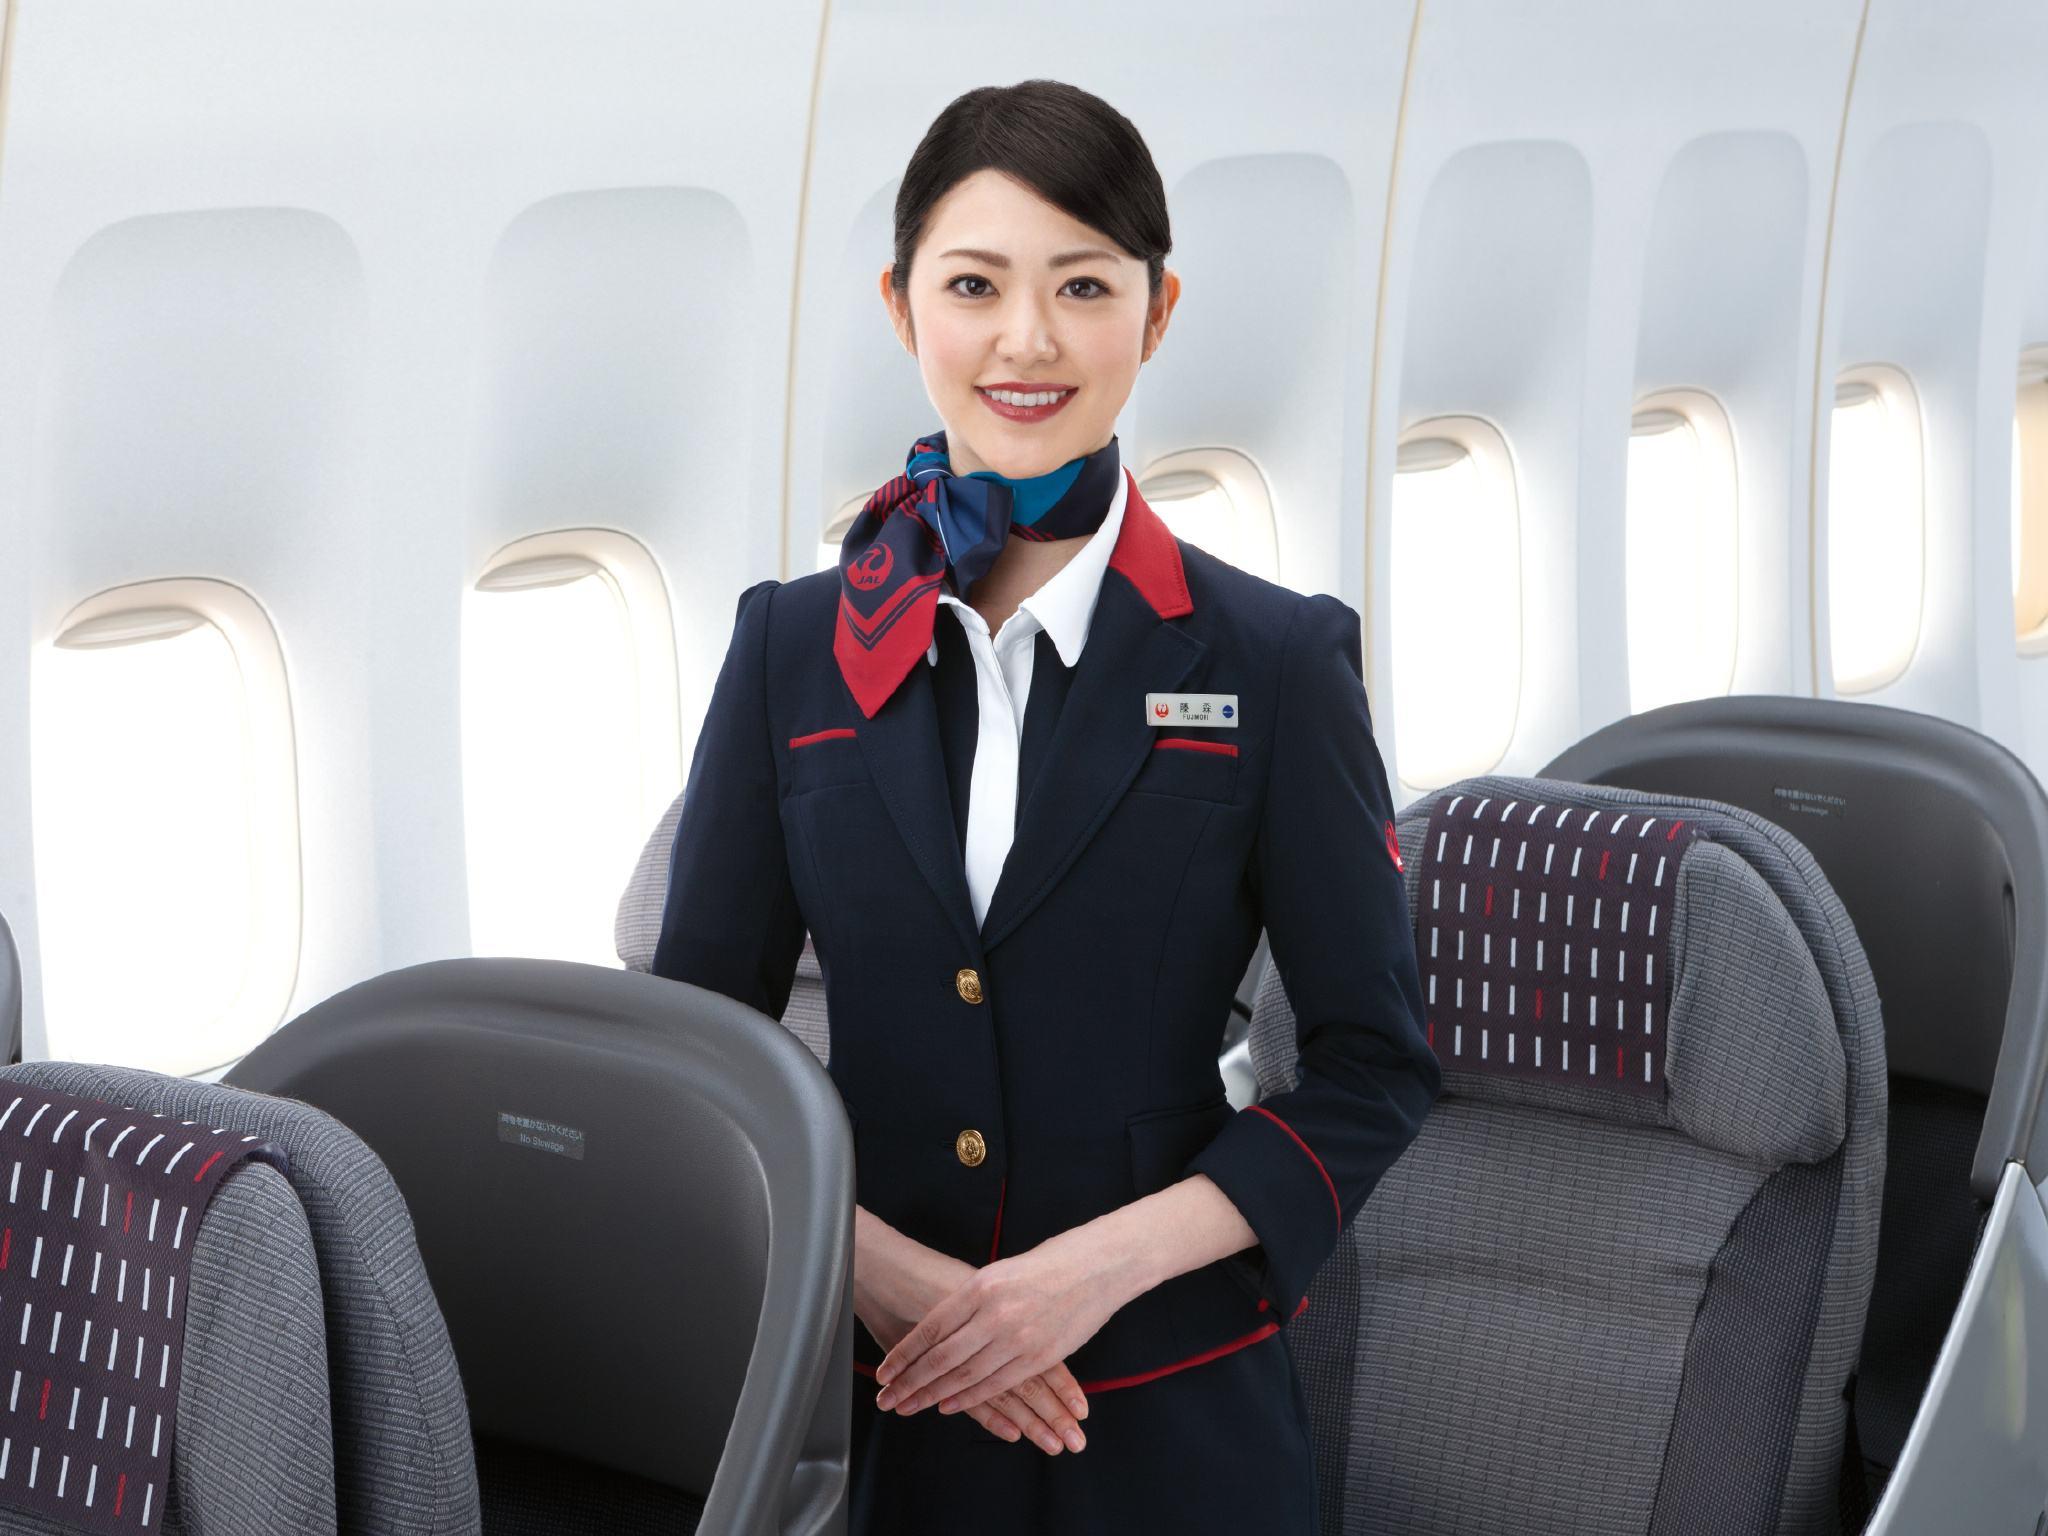 做空姐要求容貌较好,五官端正,身体健康;身高:164-172cm;身材匀称